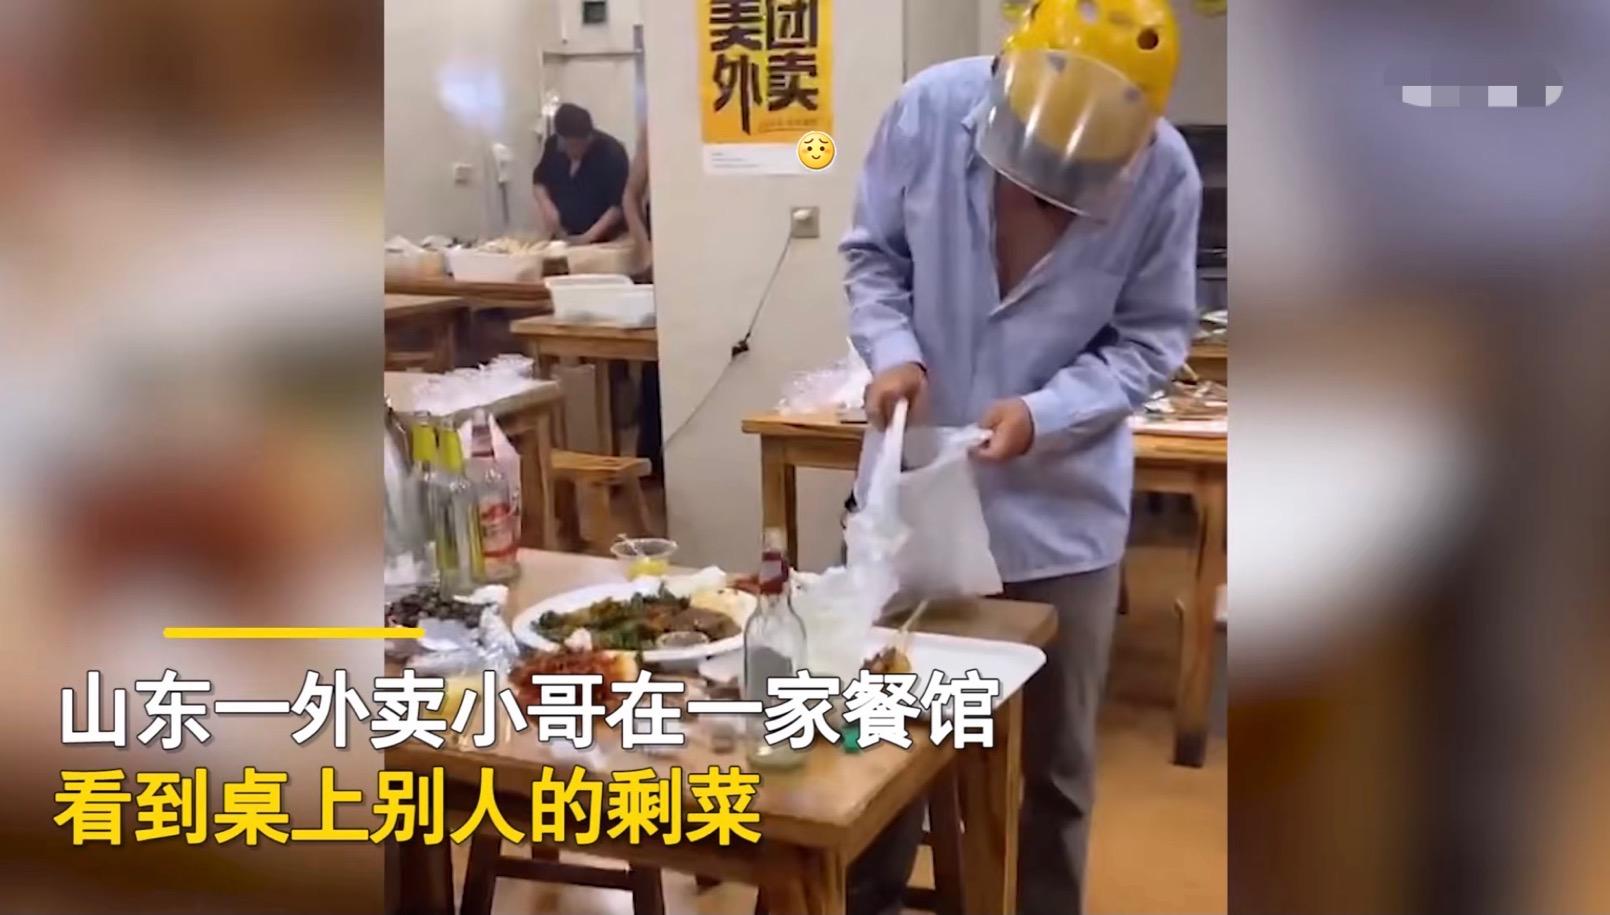 山东一外卖员看到餐馆桌上别人剩菜,询问能不能带走,老板:再送你两瓶啤酒